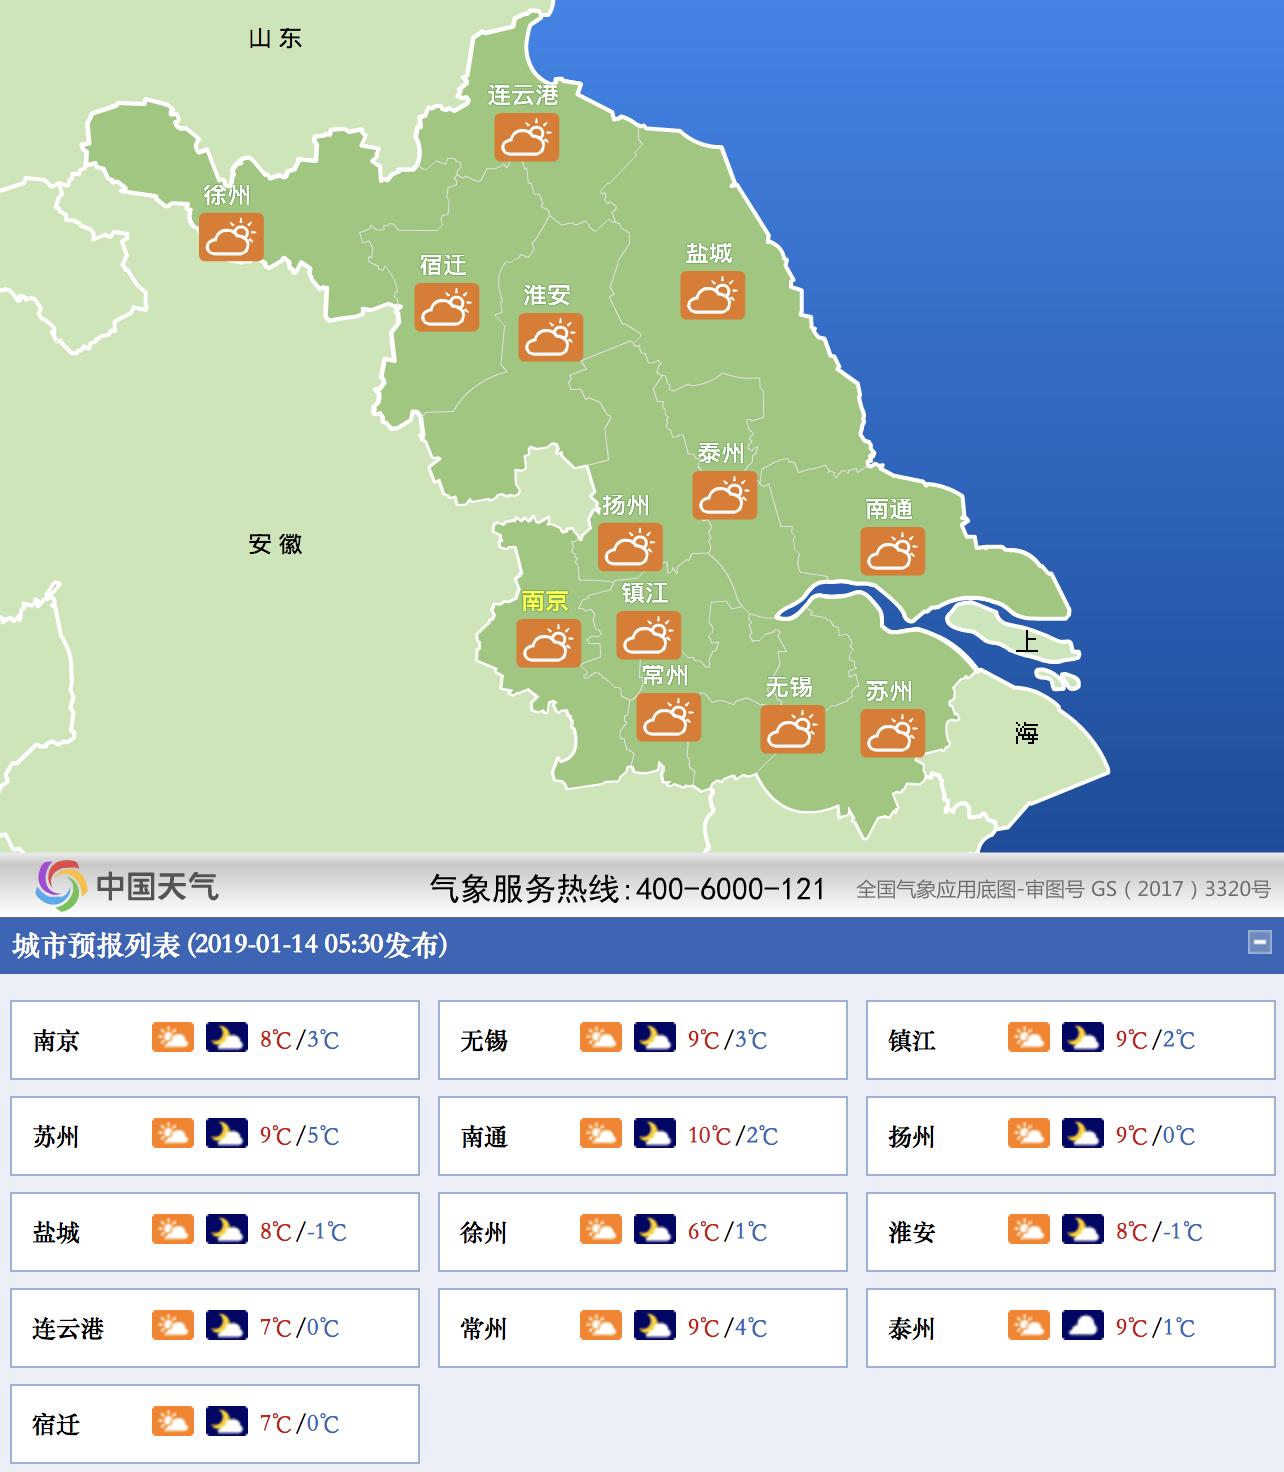 江苏发布大雾红色预警 多条高速因雾霾封闭